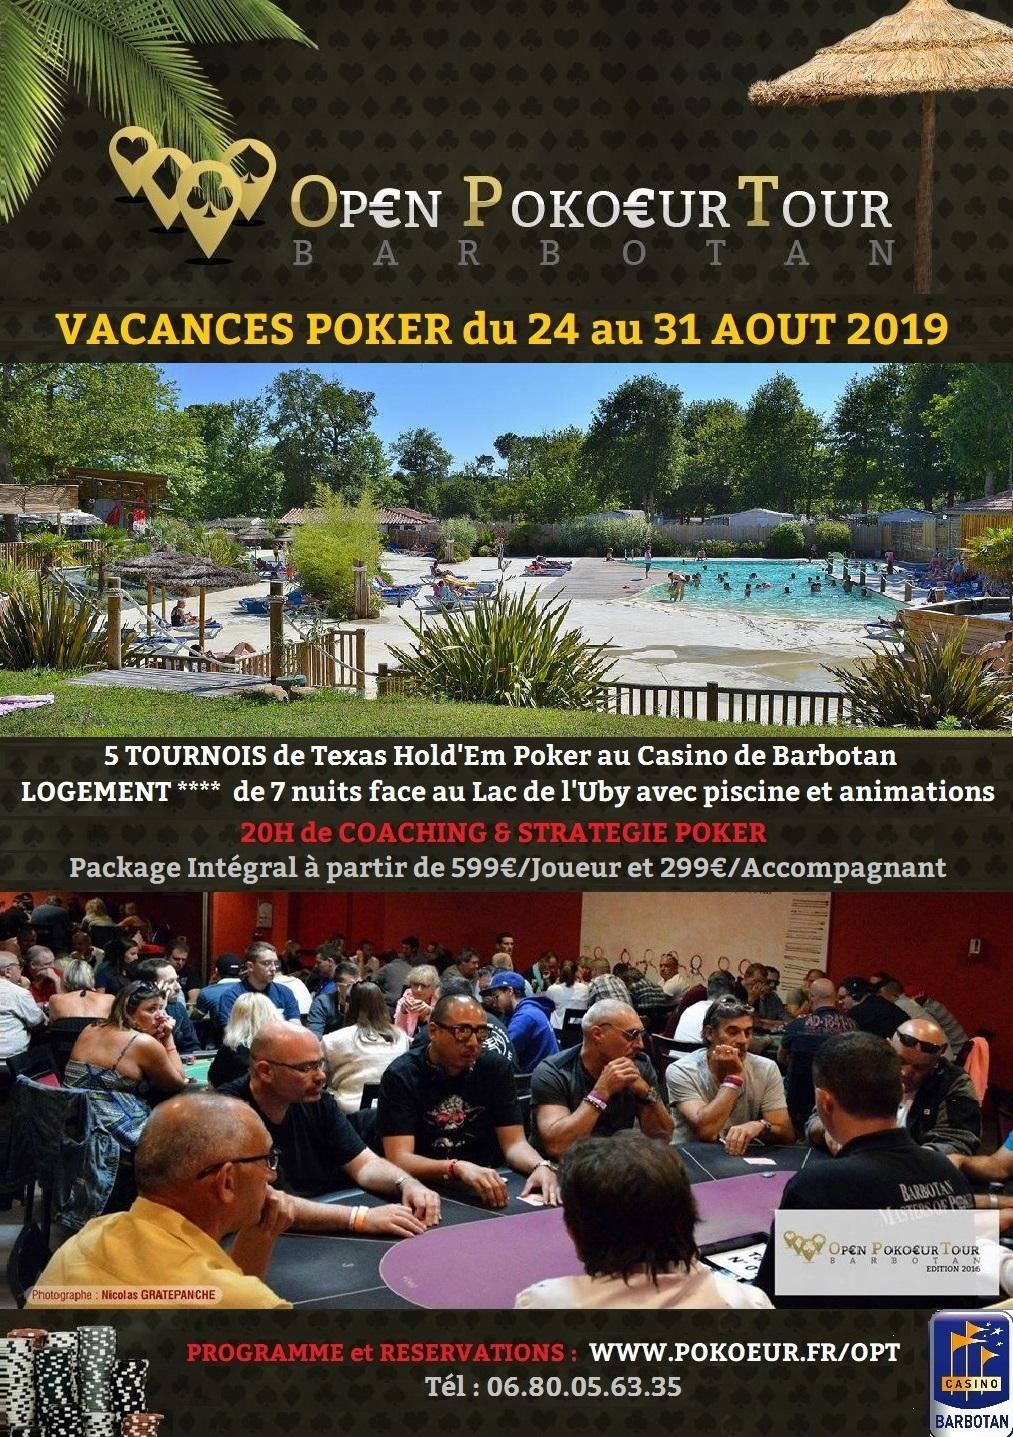 Vacances poker 2019 schedule